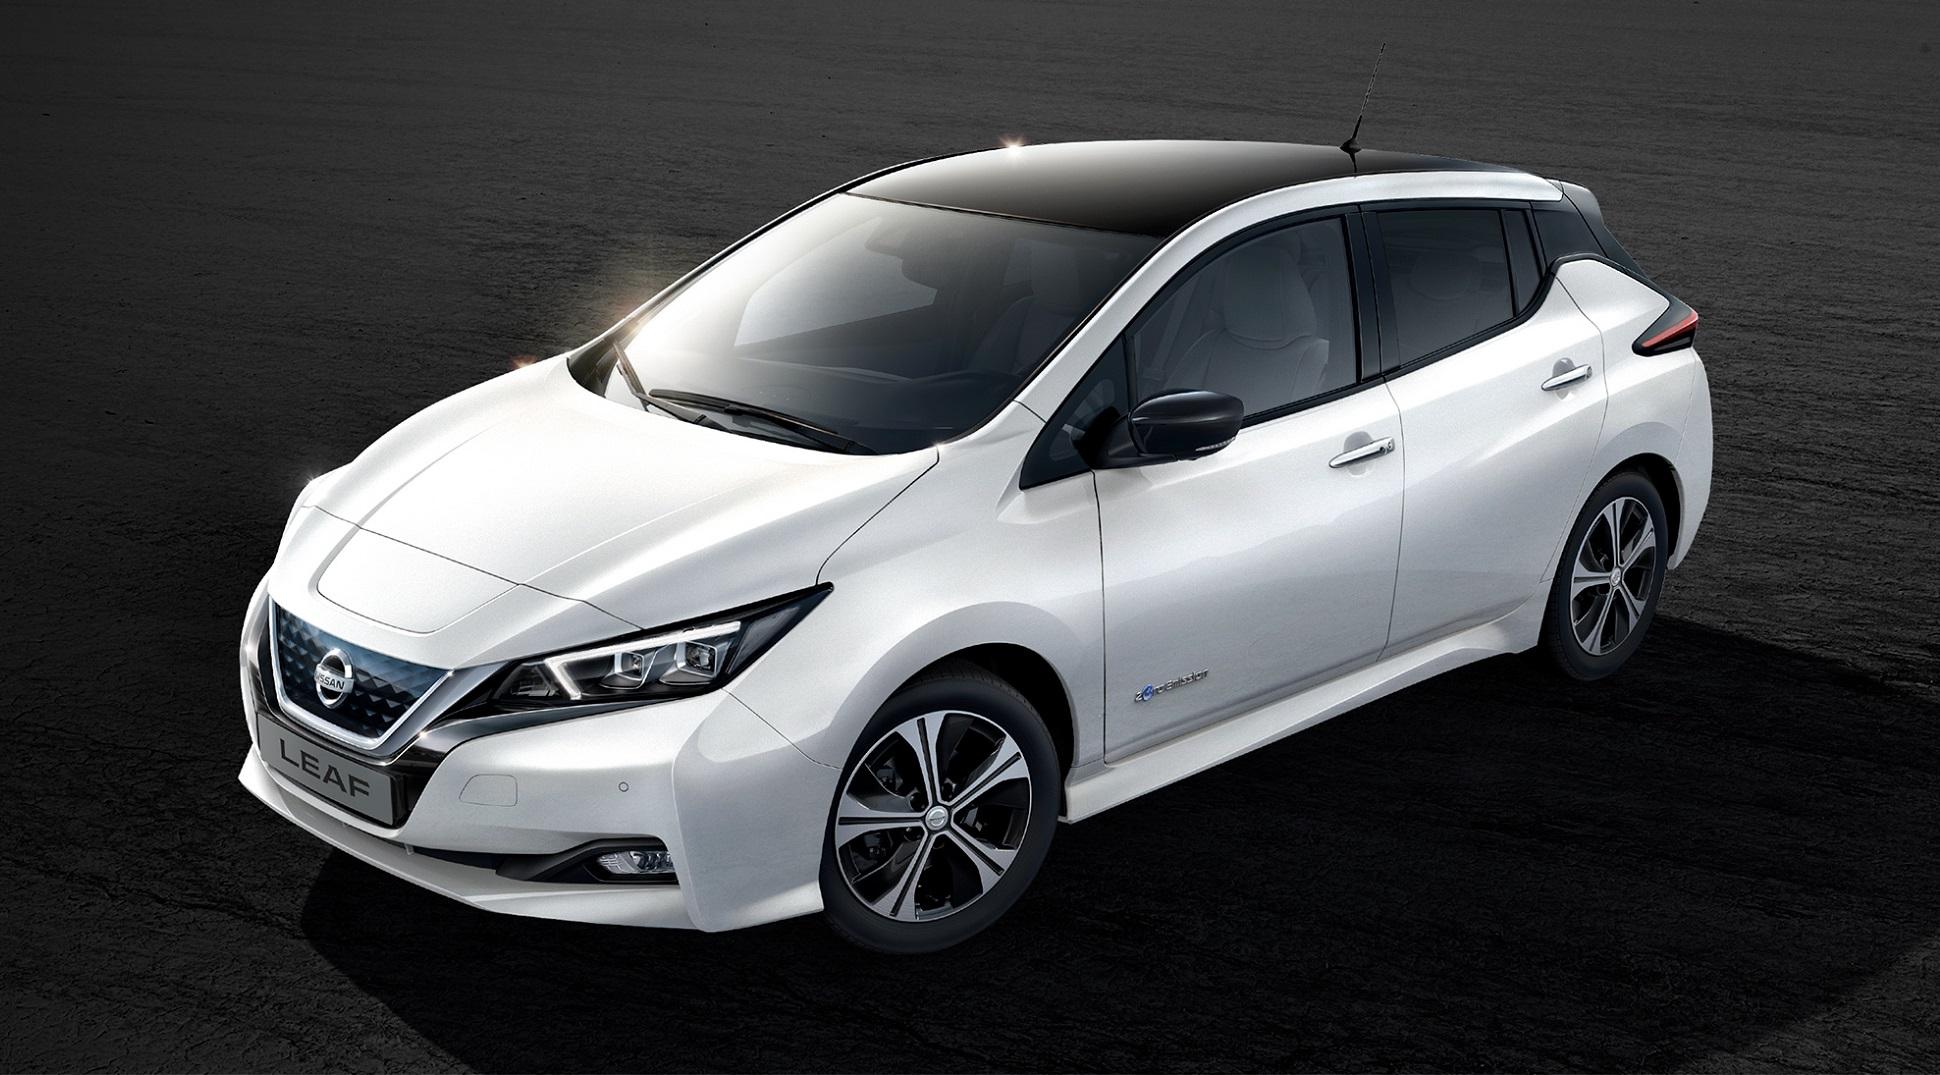 El coche más vendido en 2018 en Noruega es eléctrico